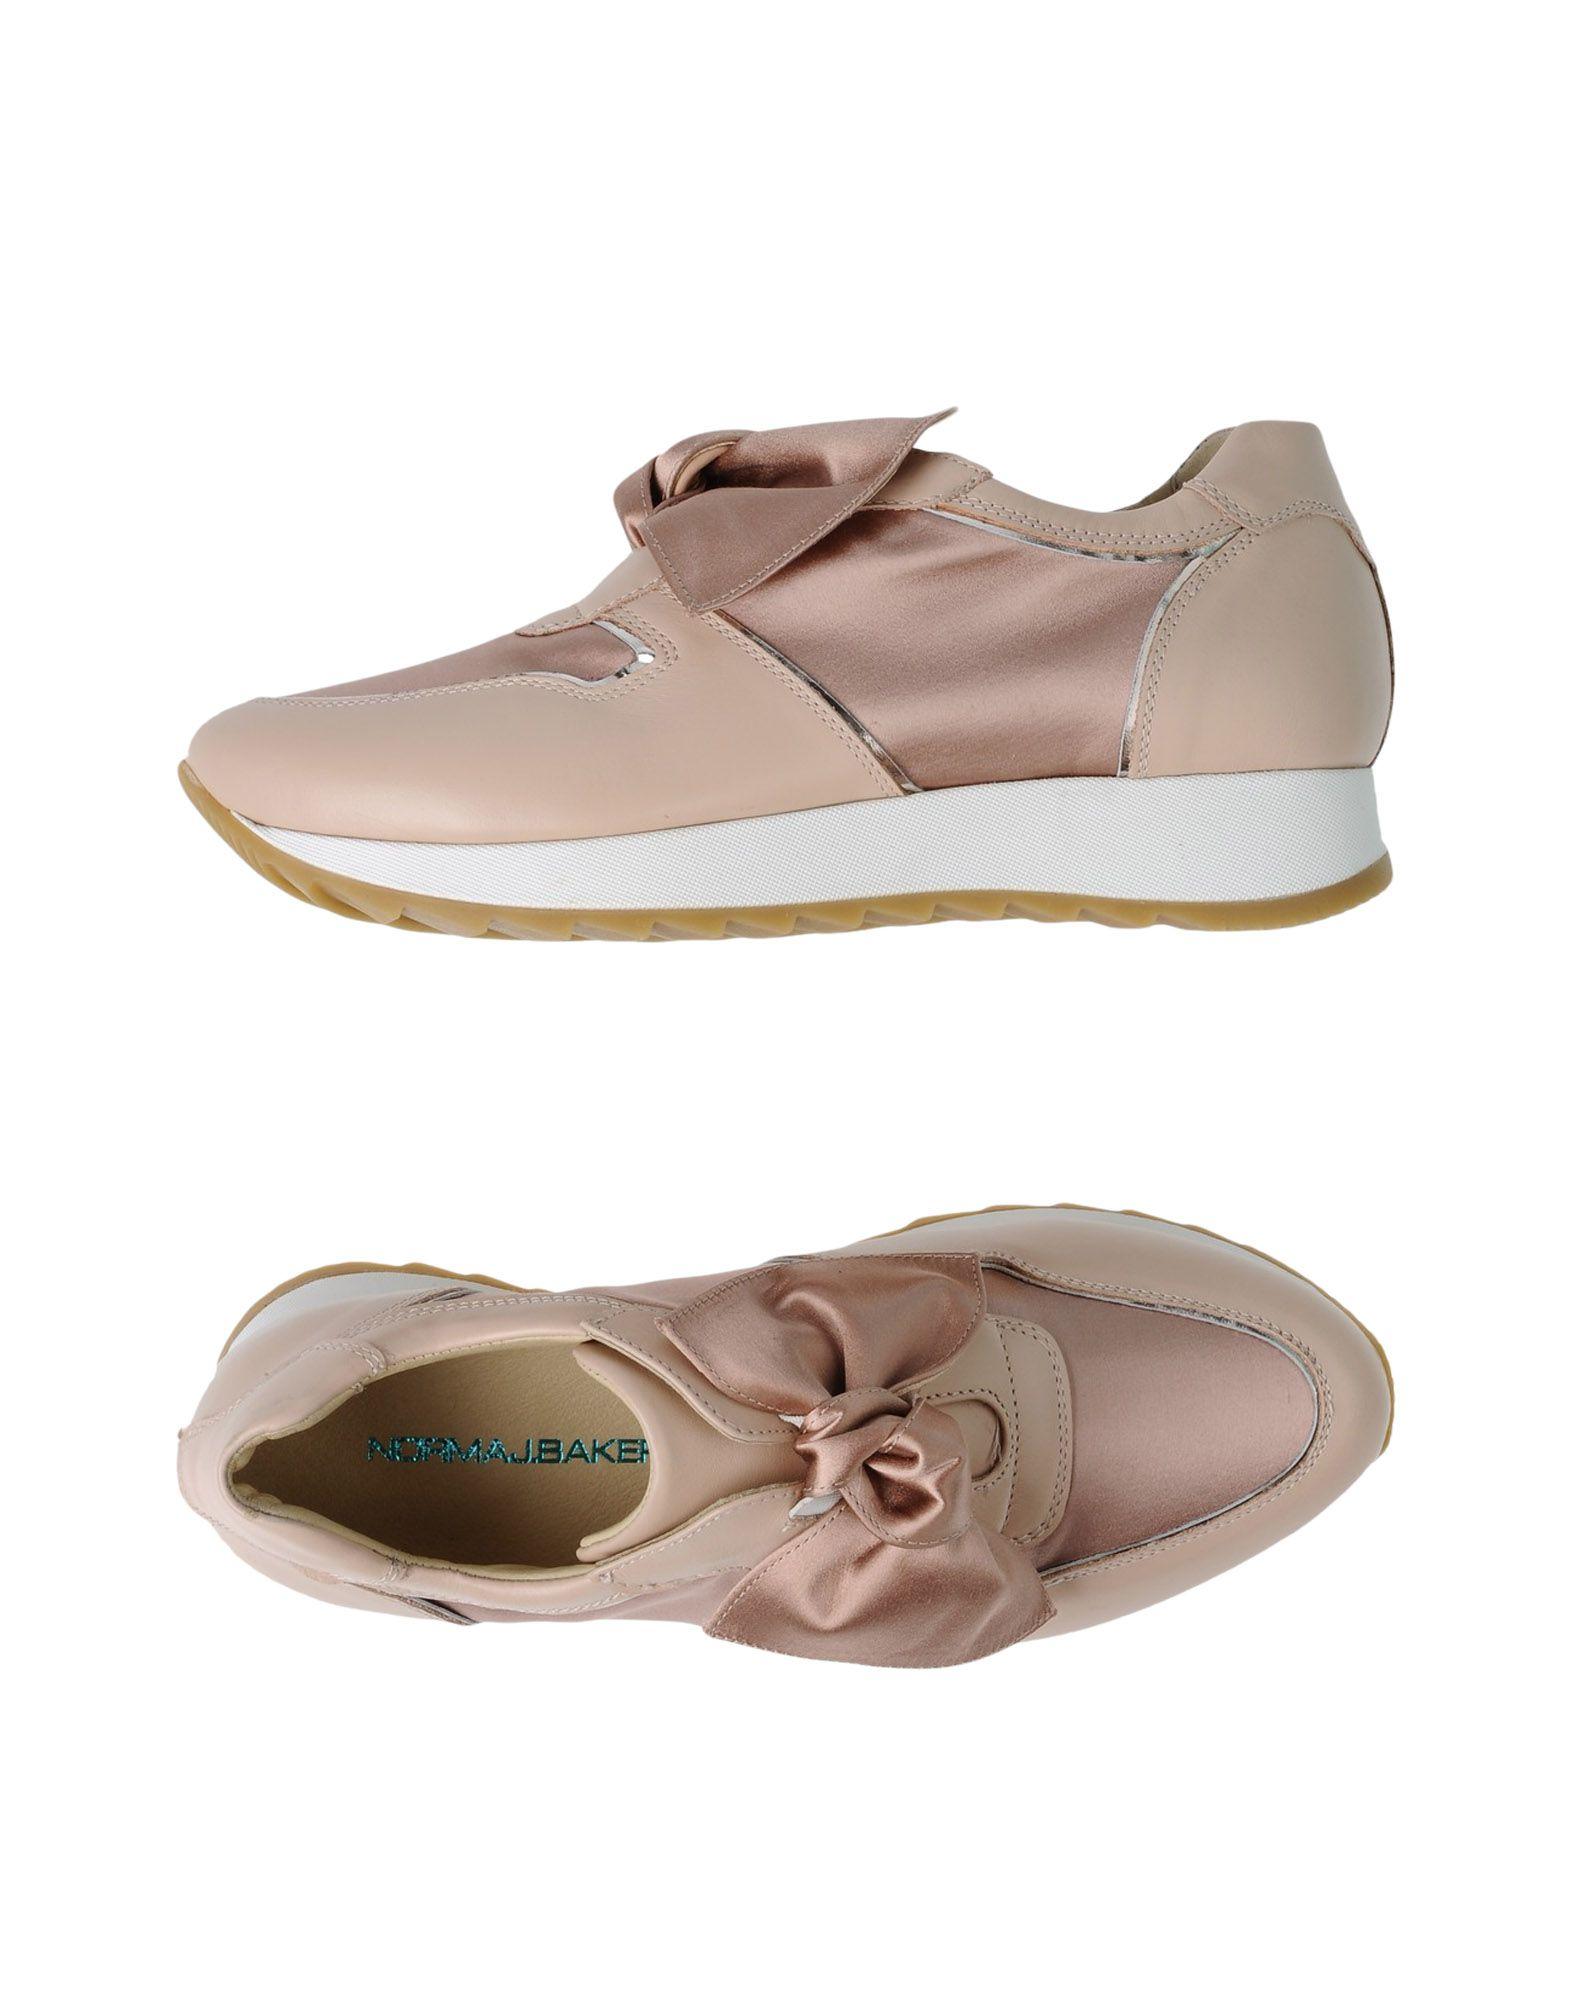 Norma Norma J.Baker Sneakers - Women Norma Norma J.Baker Sneakers online on  Canada - 11338907SH 3c37d6